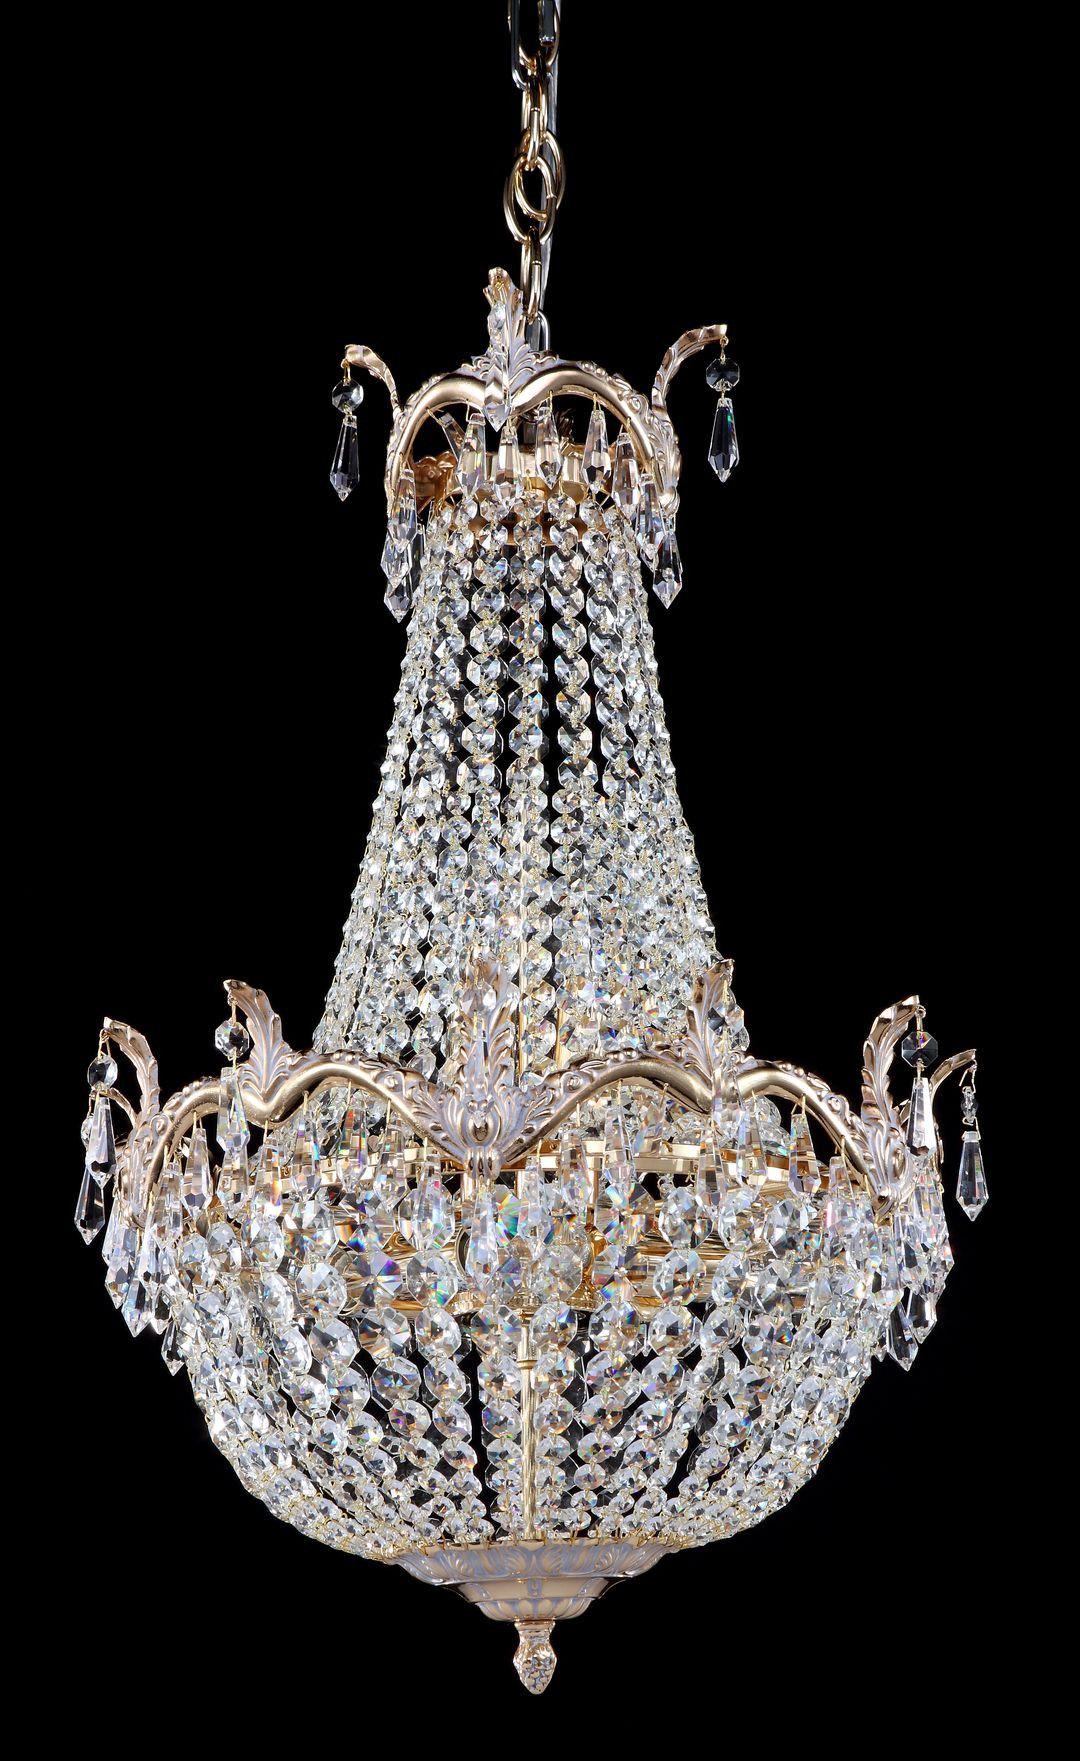 Diamant Crystal Kronleuchter Versailles Weiß Gold Kronleuchter Klassisch Kristall Kronleuchter Lampen Ebay